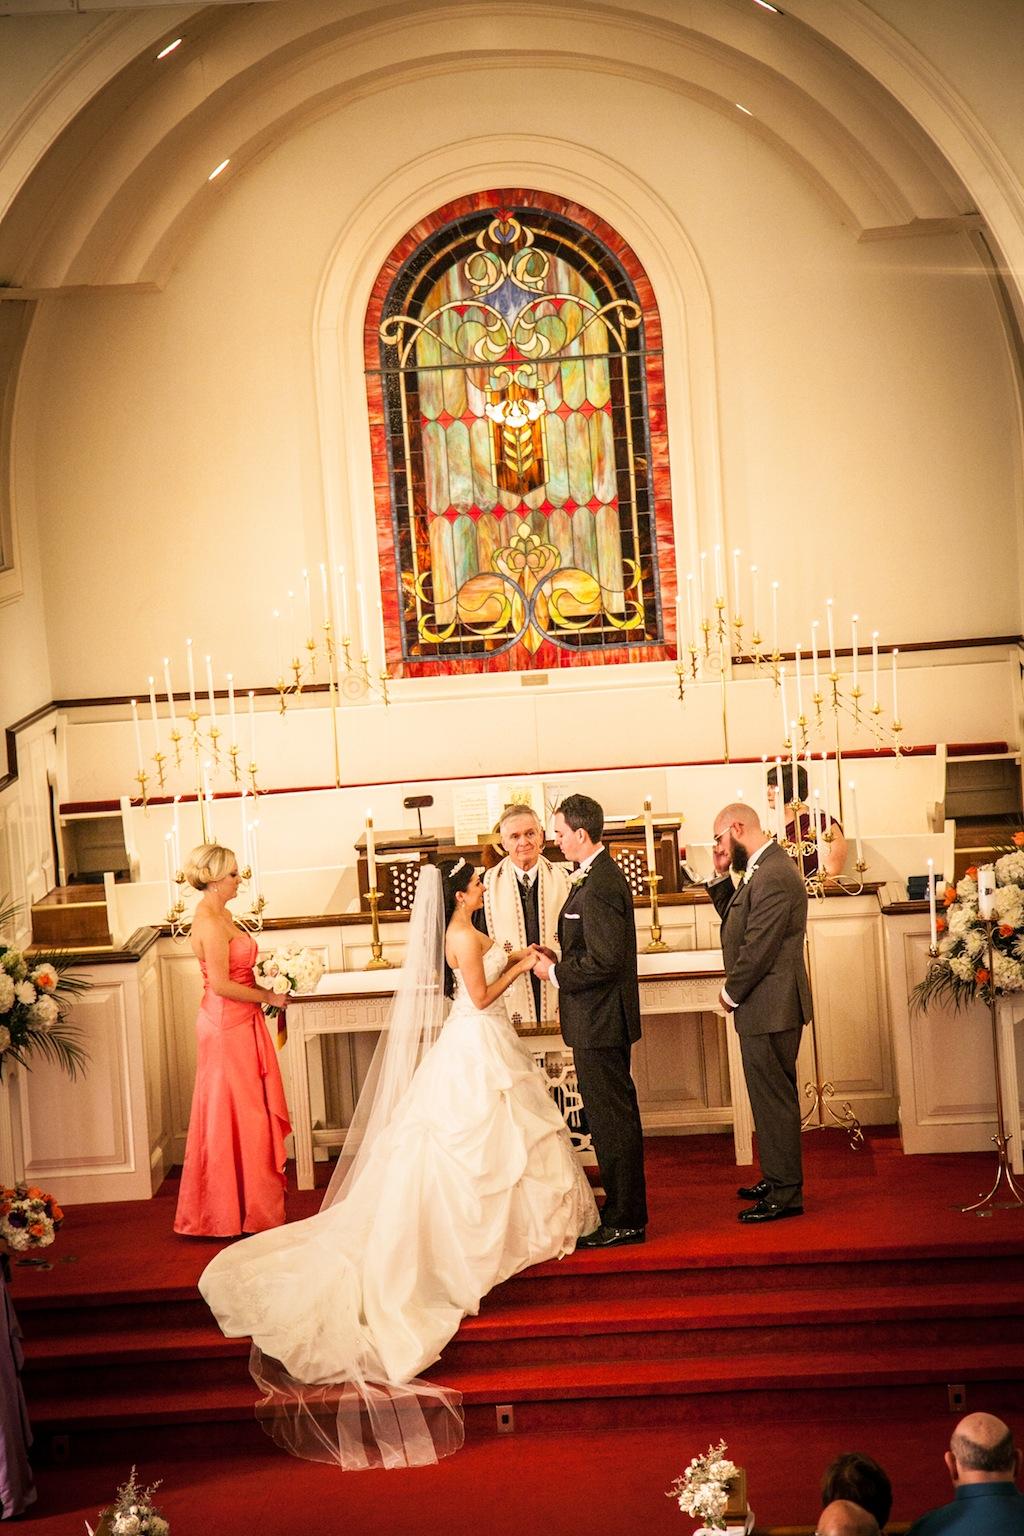 Floridan Palace Wedding, Downtown Tampa - Tampa Wedding Planner Burkle Events & Tampa Wedding Photographer Gary Kaplan Photography (15)